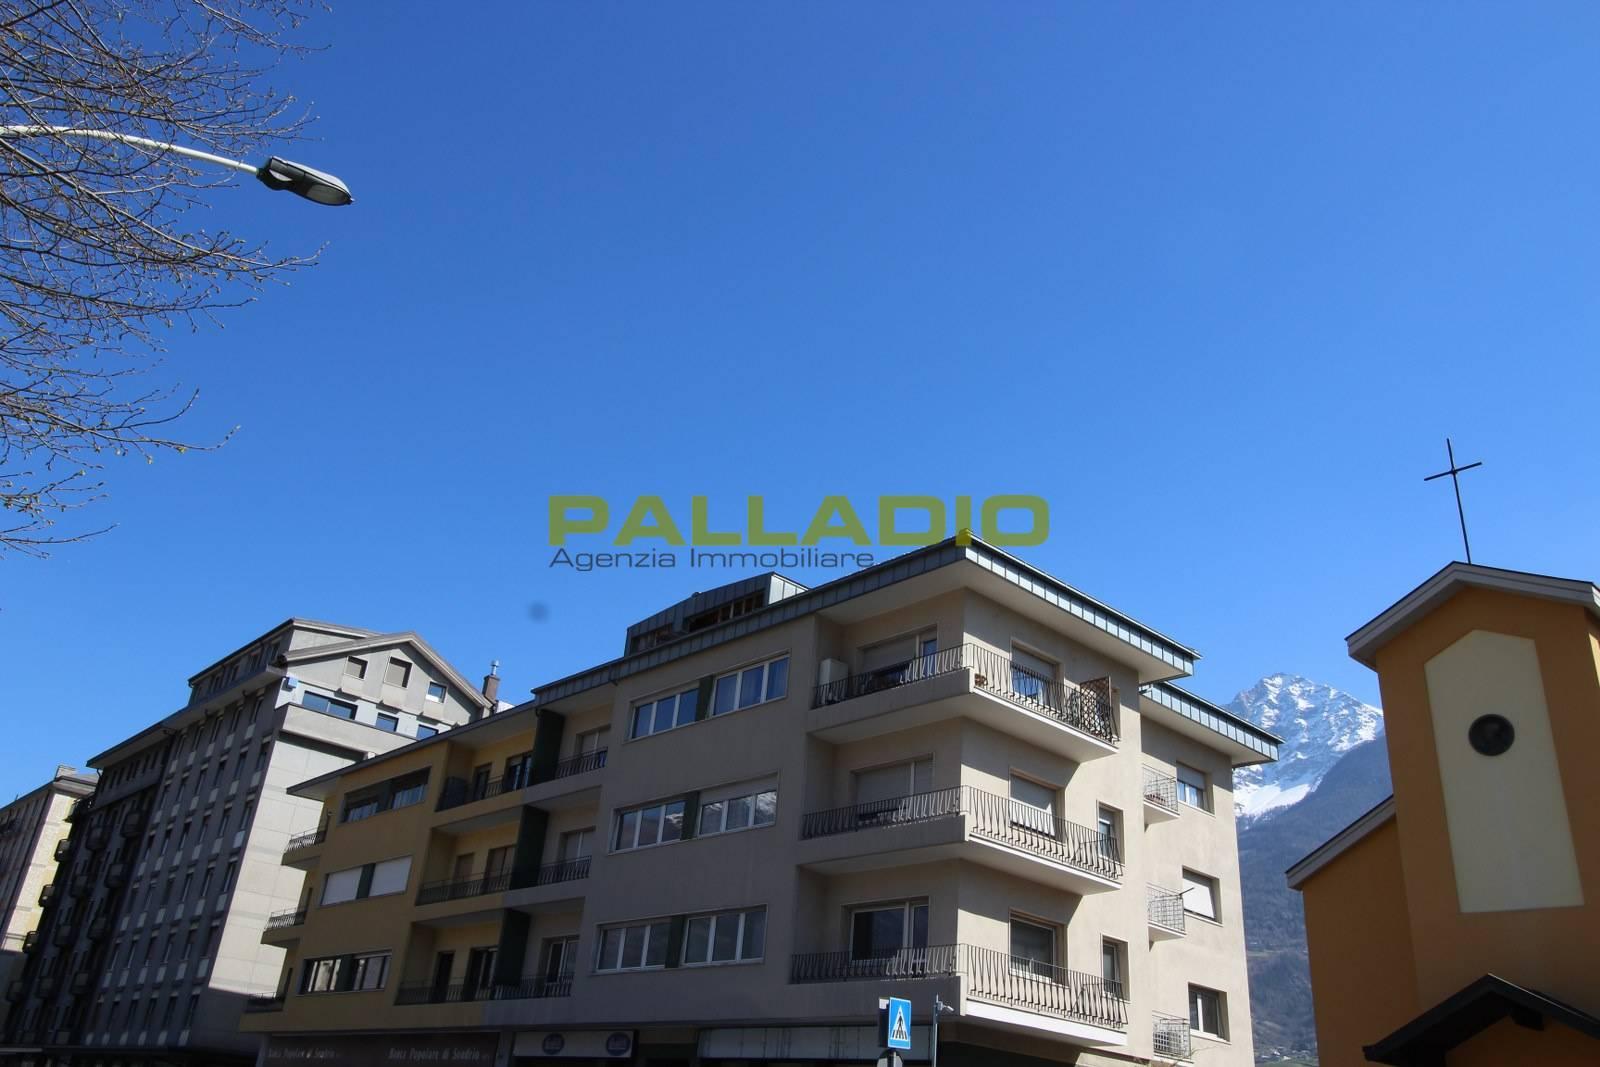 Monolocali In Vendita A Parigi case e appartamenti in vendita a aosta - cambiocasa.it